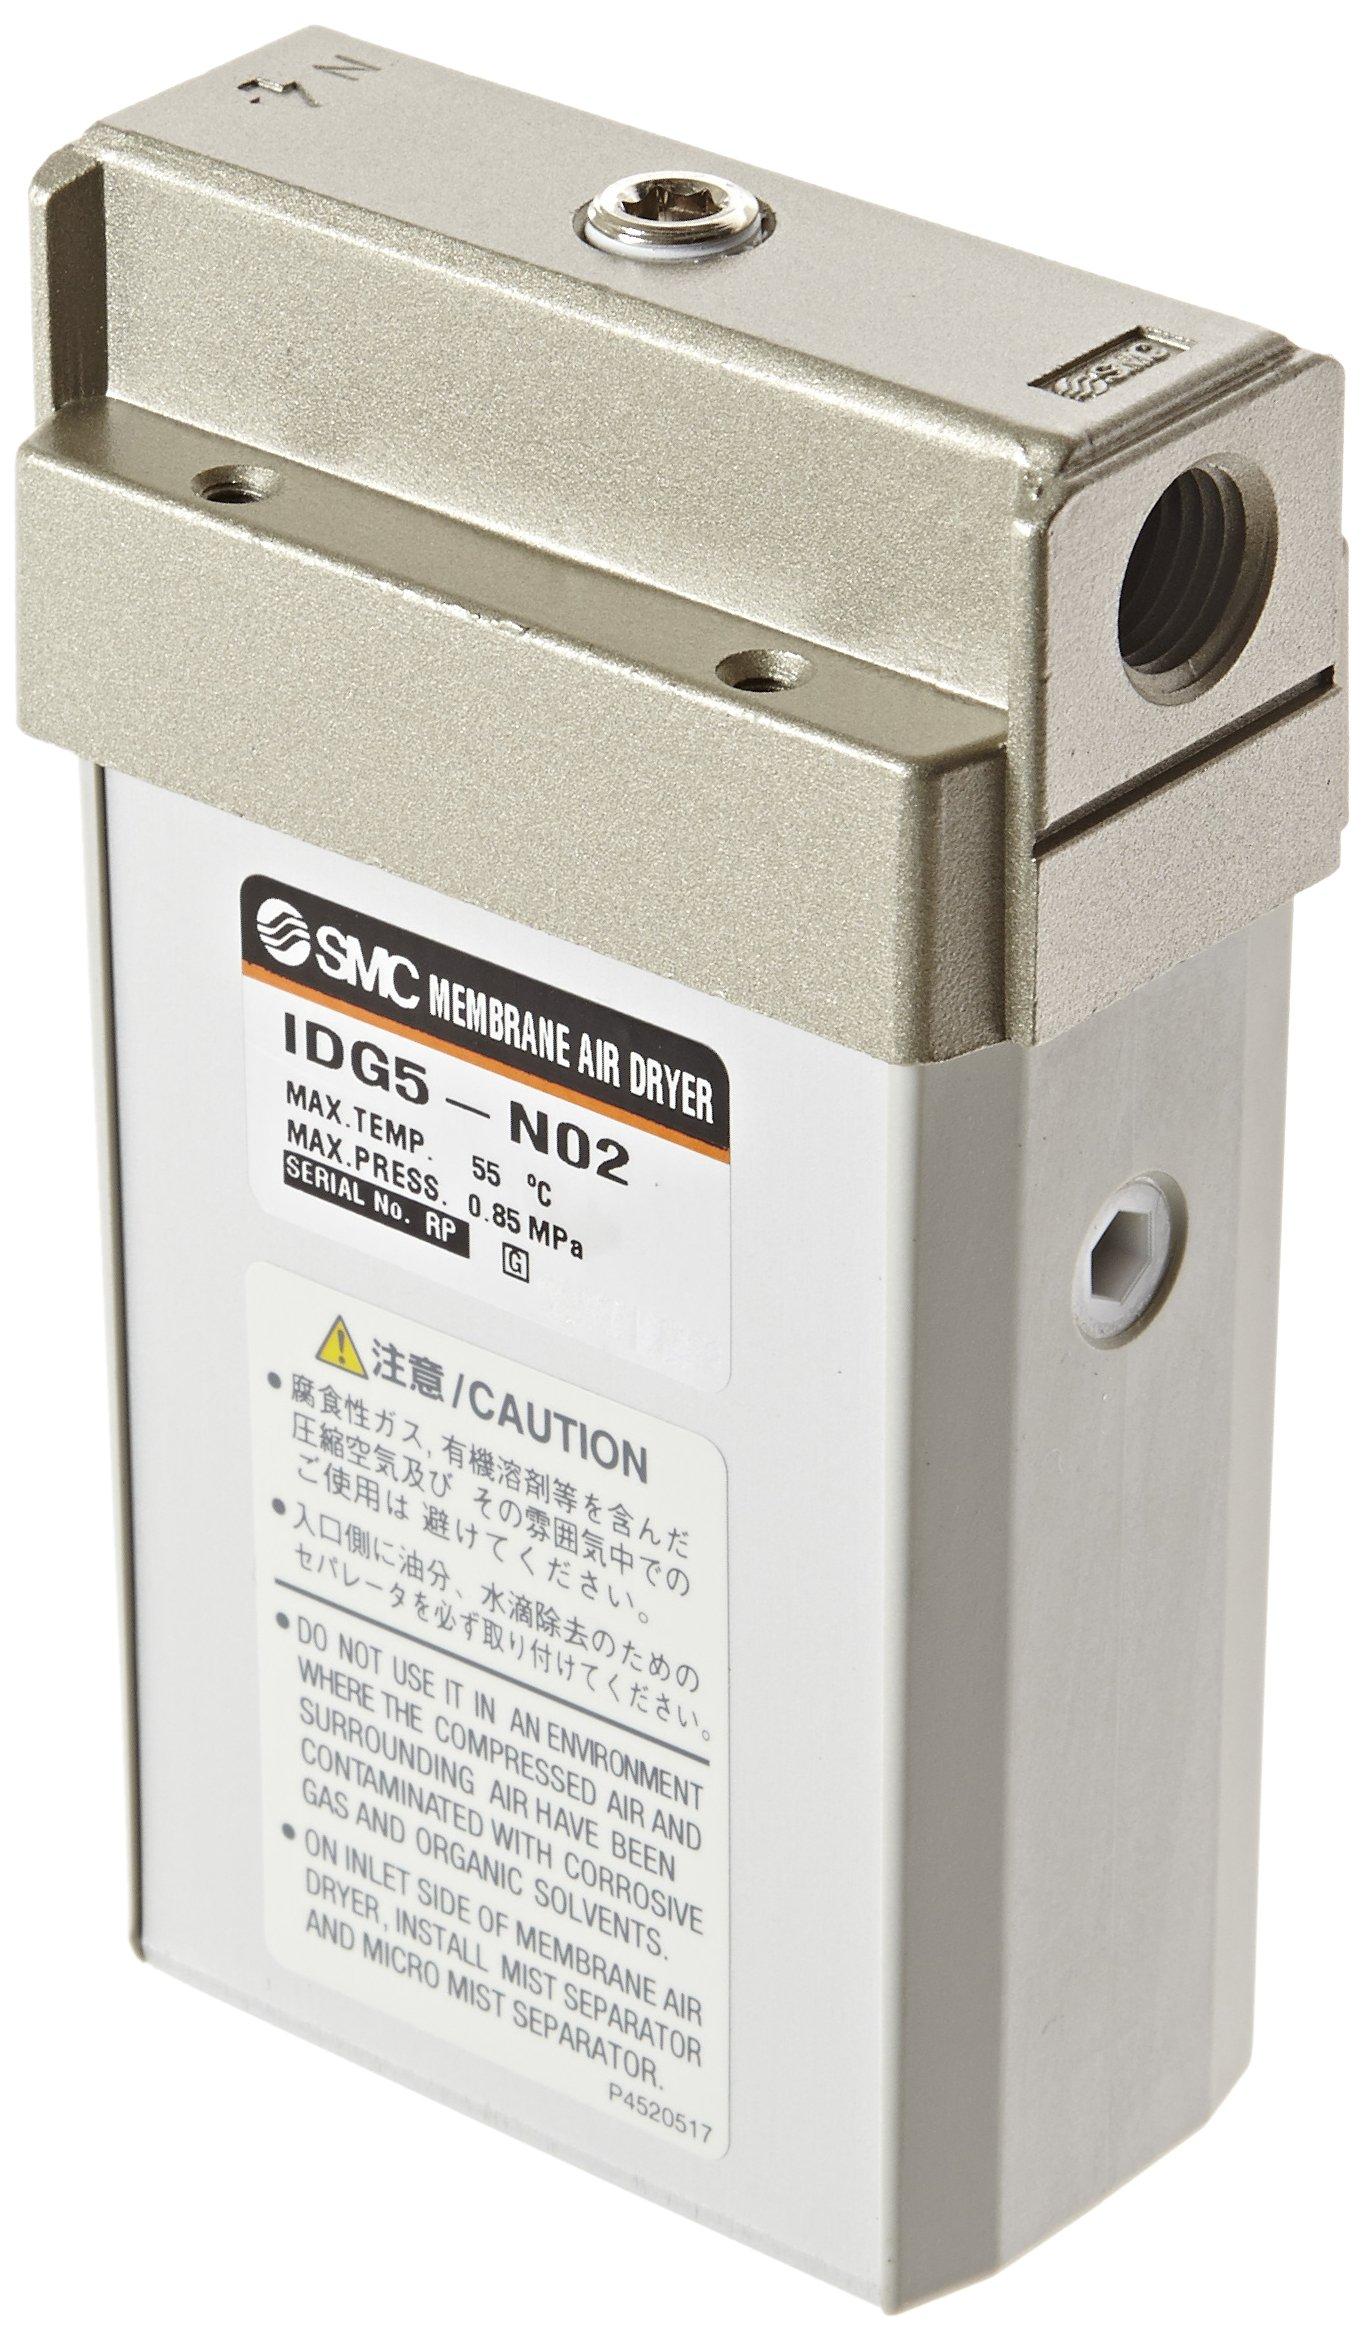 SMC IDG5-N02 Membrane Air Dryer, 1/4'' NPT, Outlet Air Flow 50 L/min; Purge Air Flow 12 L/min, -20 degrees Celsius Dew Point